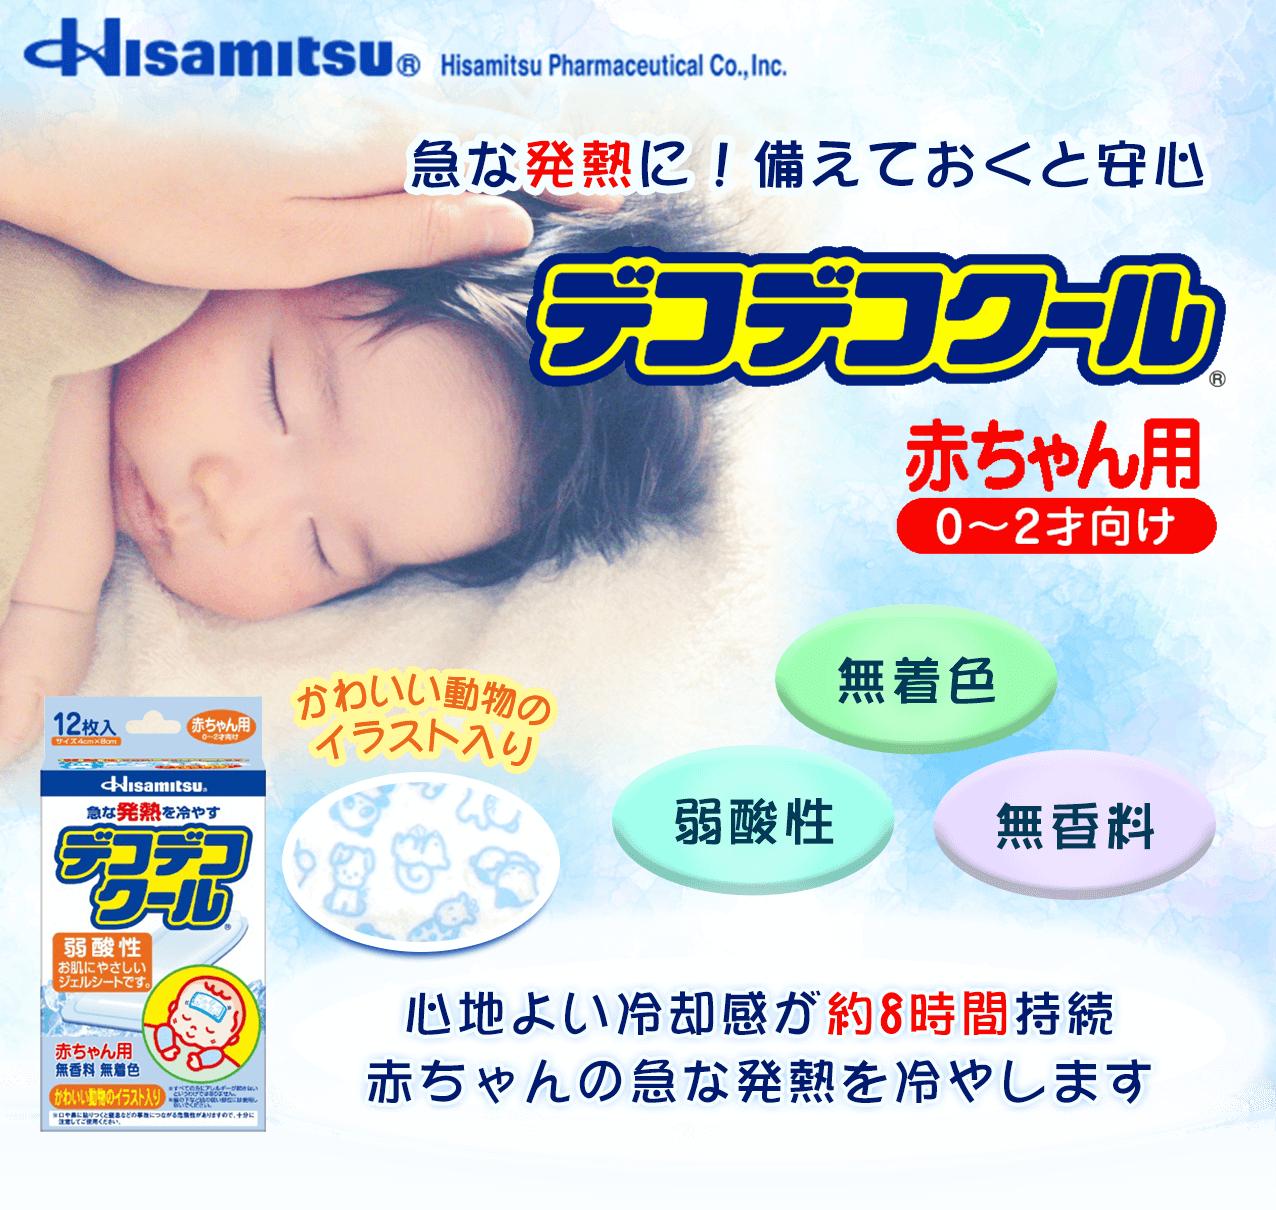 急な発熱に!備えておくと安心 デコデコクール(R)赤ちゃん用(0〜2才向け)